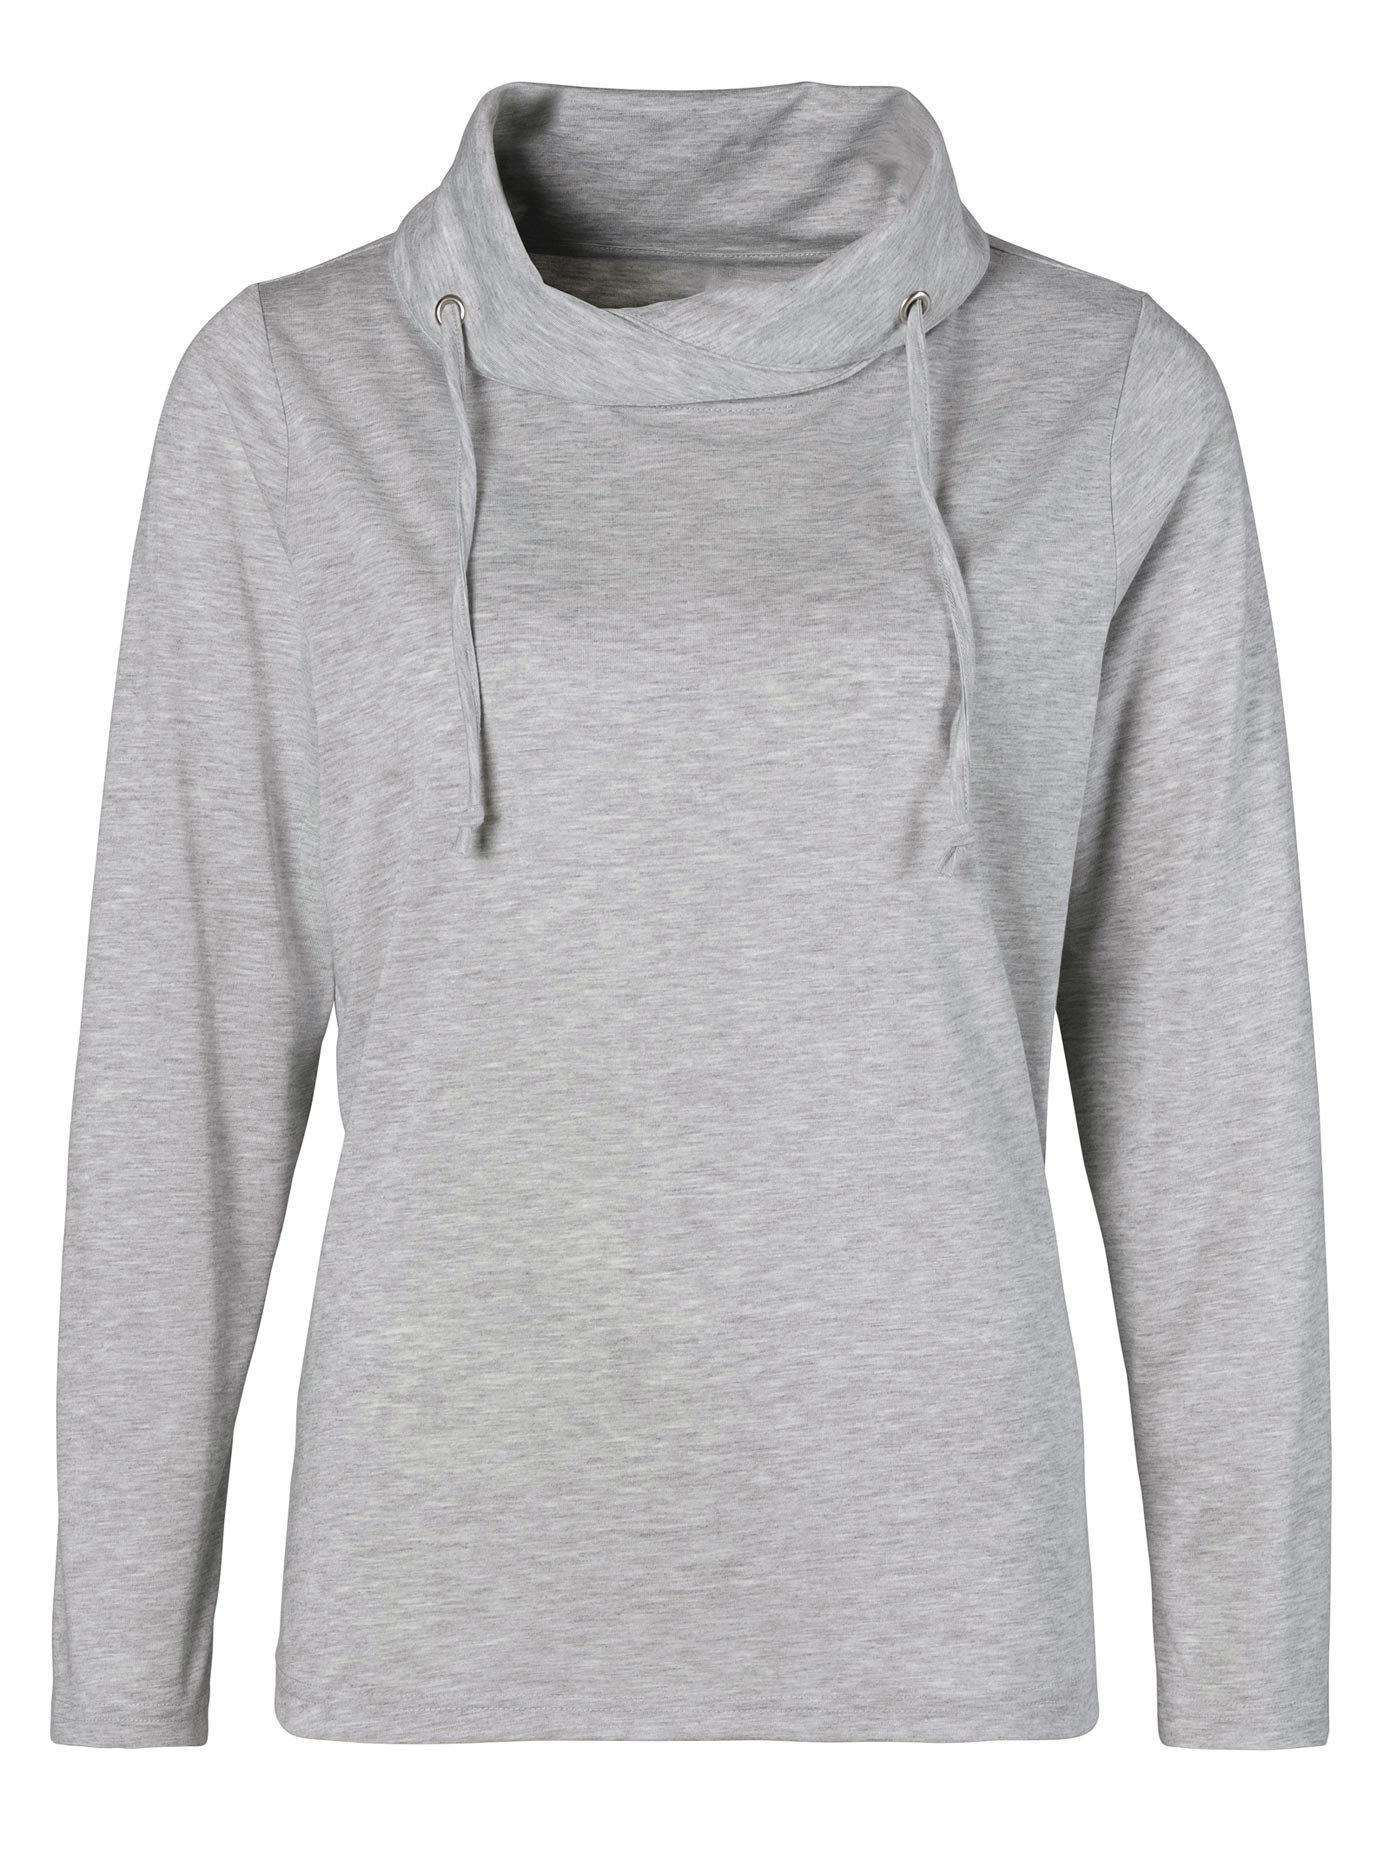 Classic Basics Shirt met lange mouwen online kopen op otto.nl